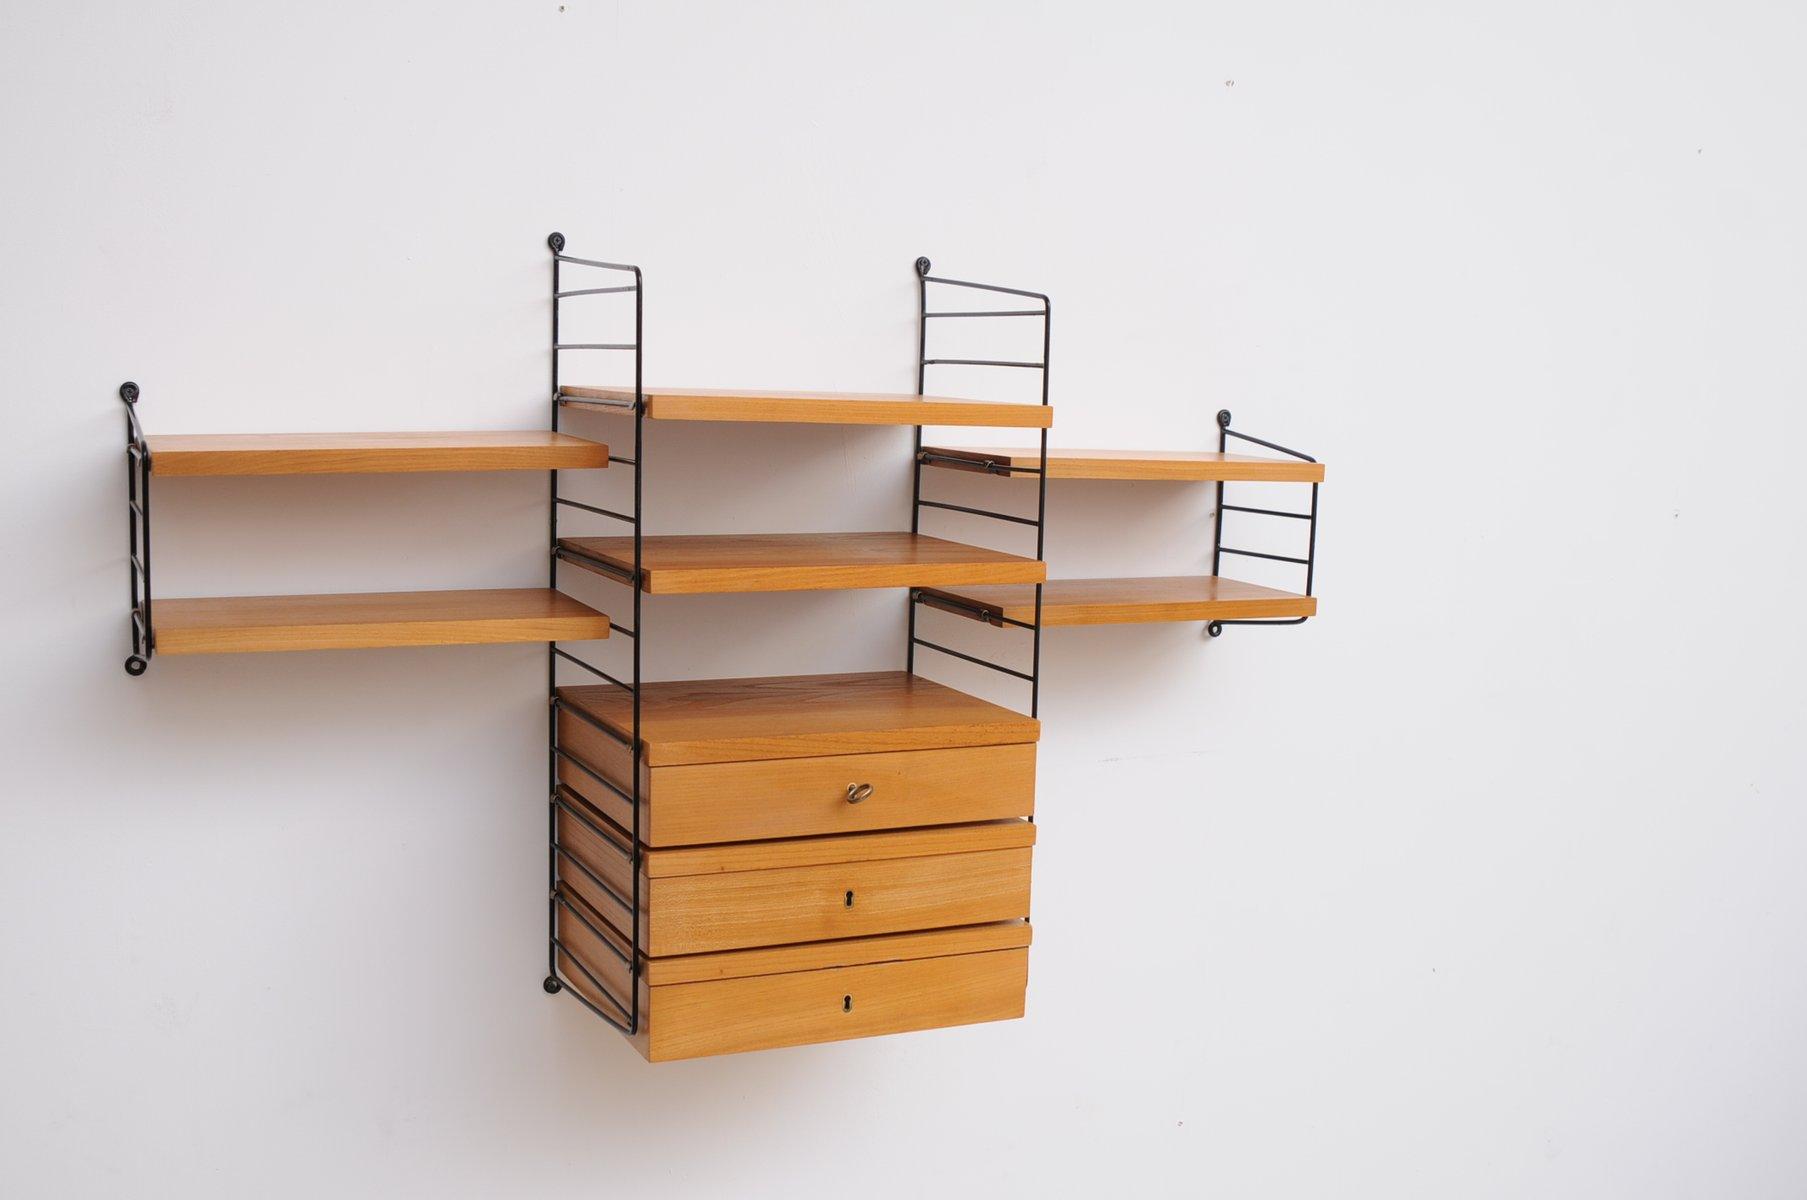 schwedisches vintage kirschholz wandregal von nisse strinning f r string bei pamono kaufen. Black Bedroom Furniture Sets. Home Design Ideas